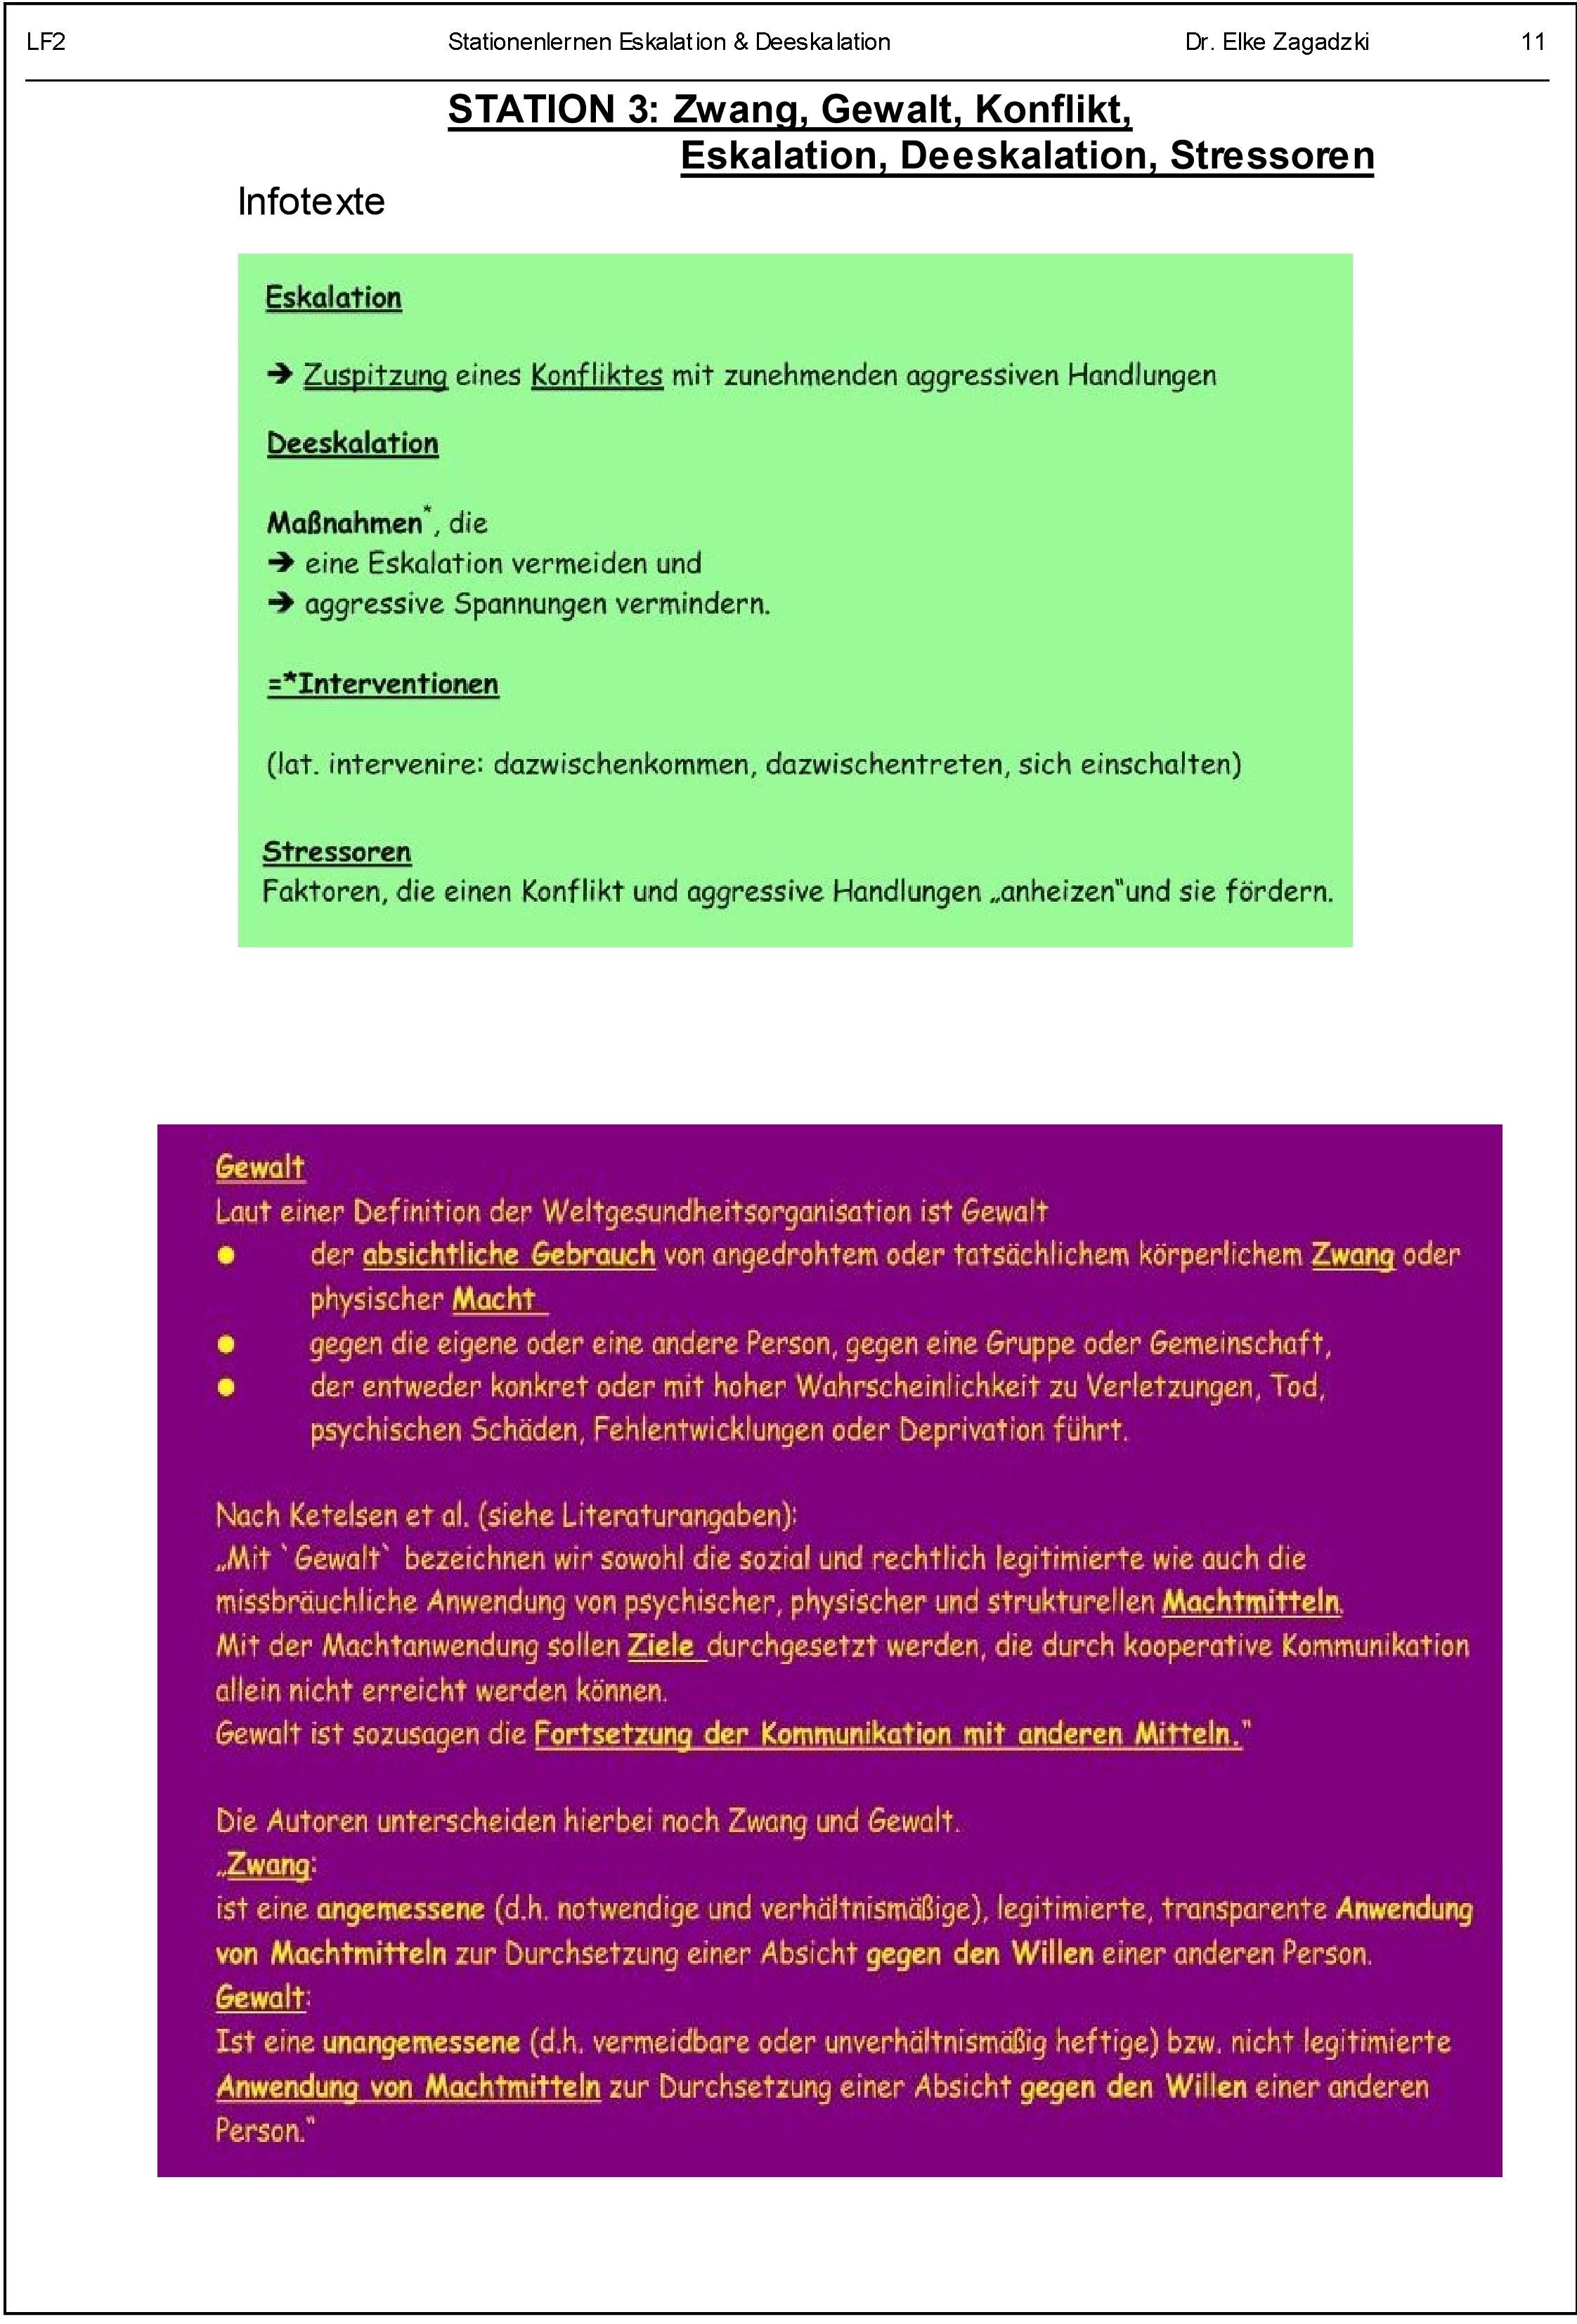 11Station3 Infotexte1